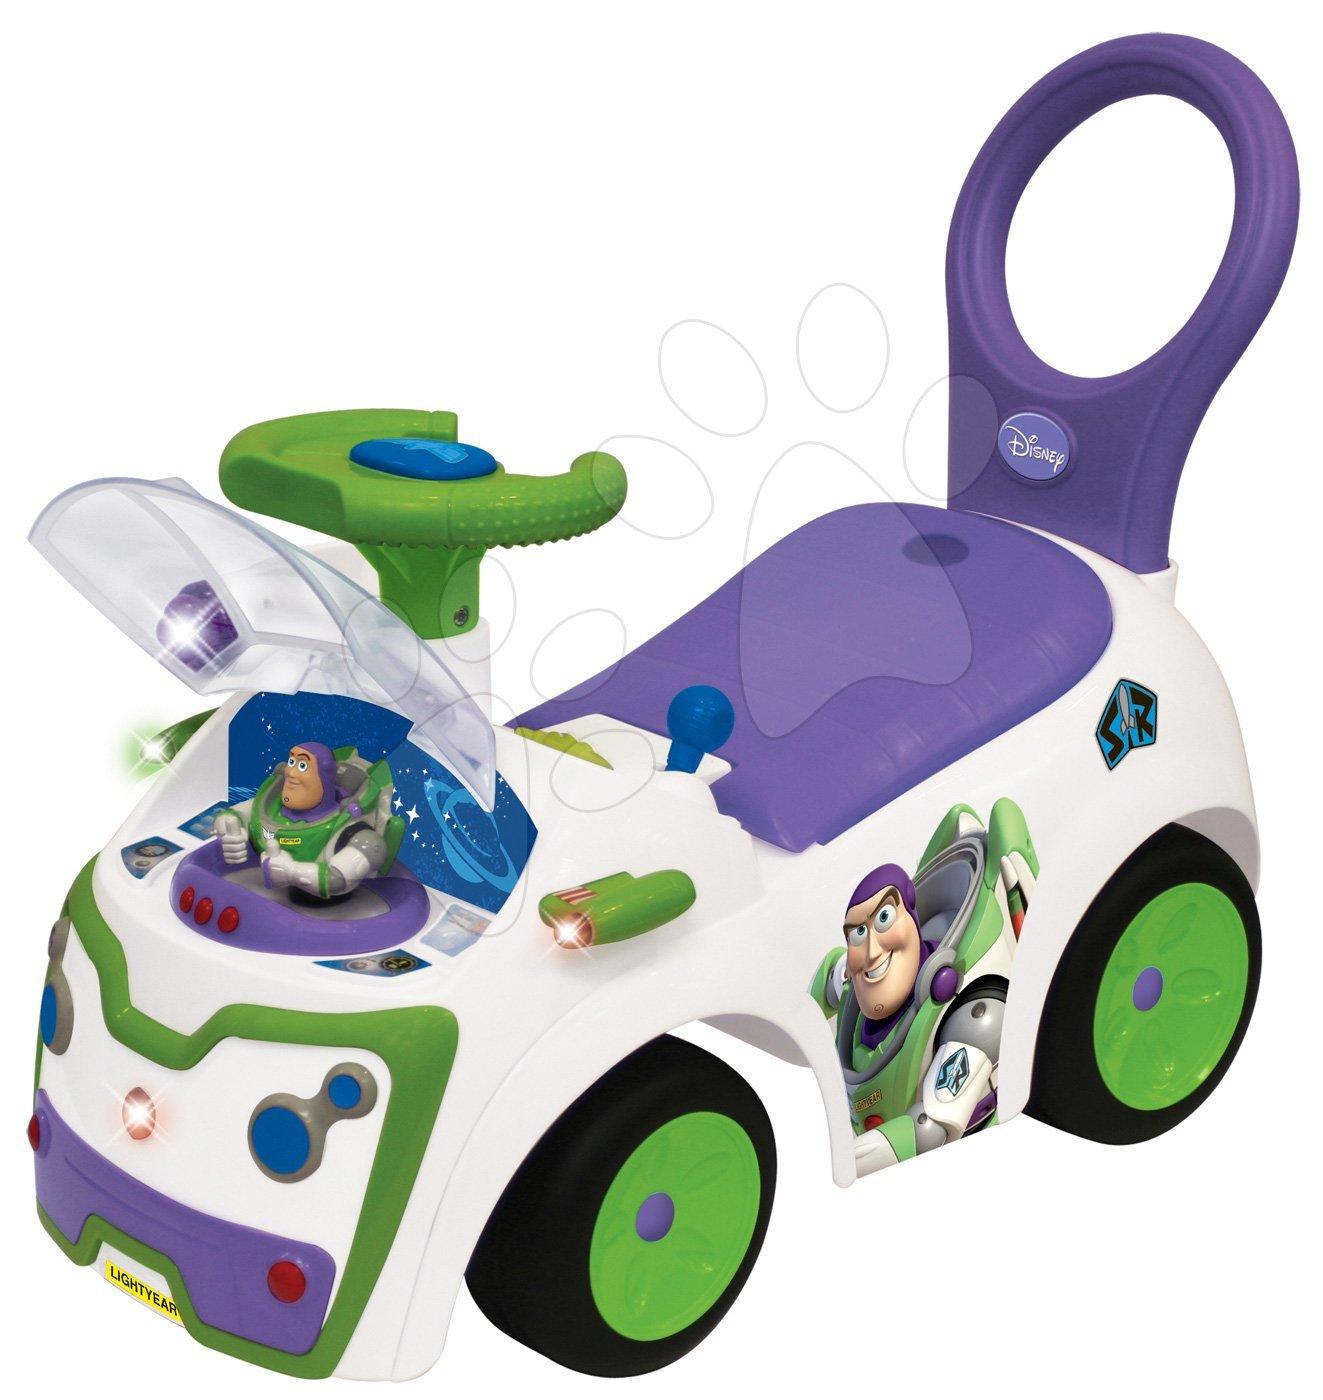 Poganjalci z zvokom - Poganjalec Toy Story Kiddieland z zvokom, lučkami in različnimi funkcijami